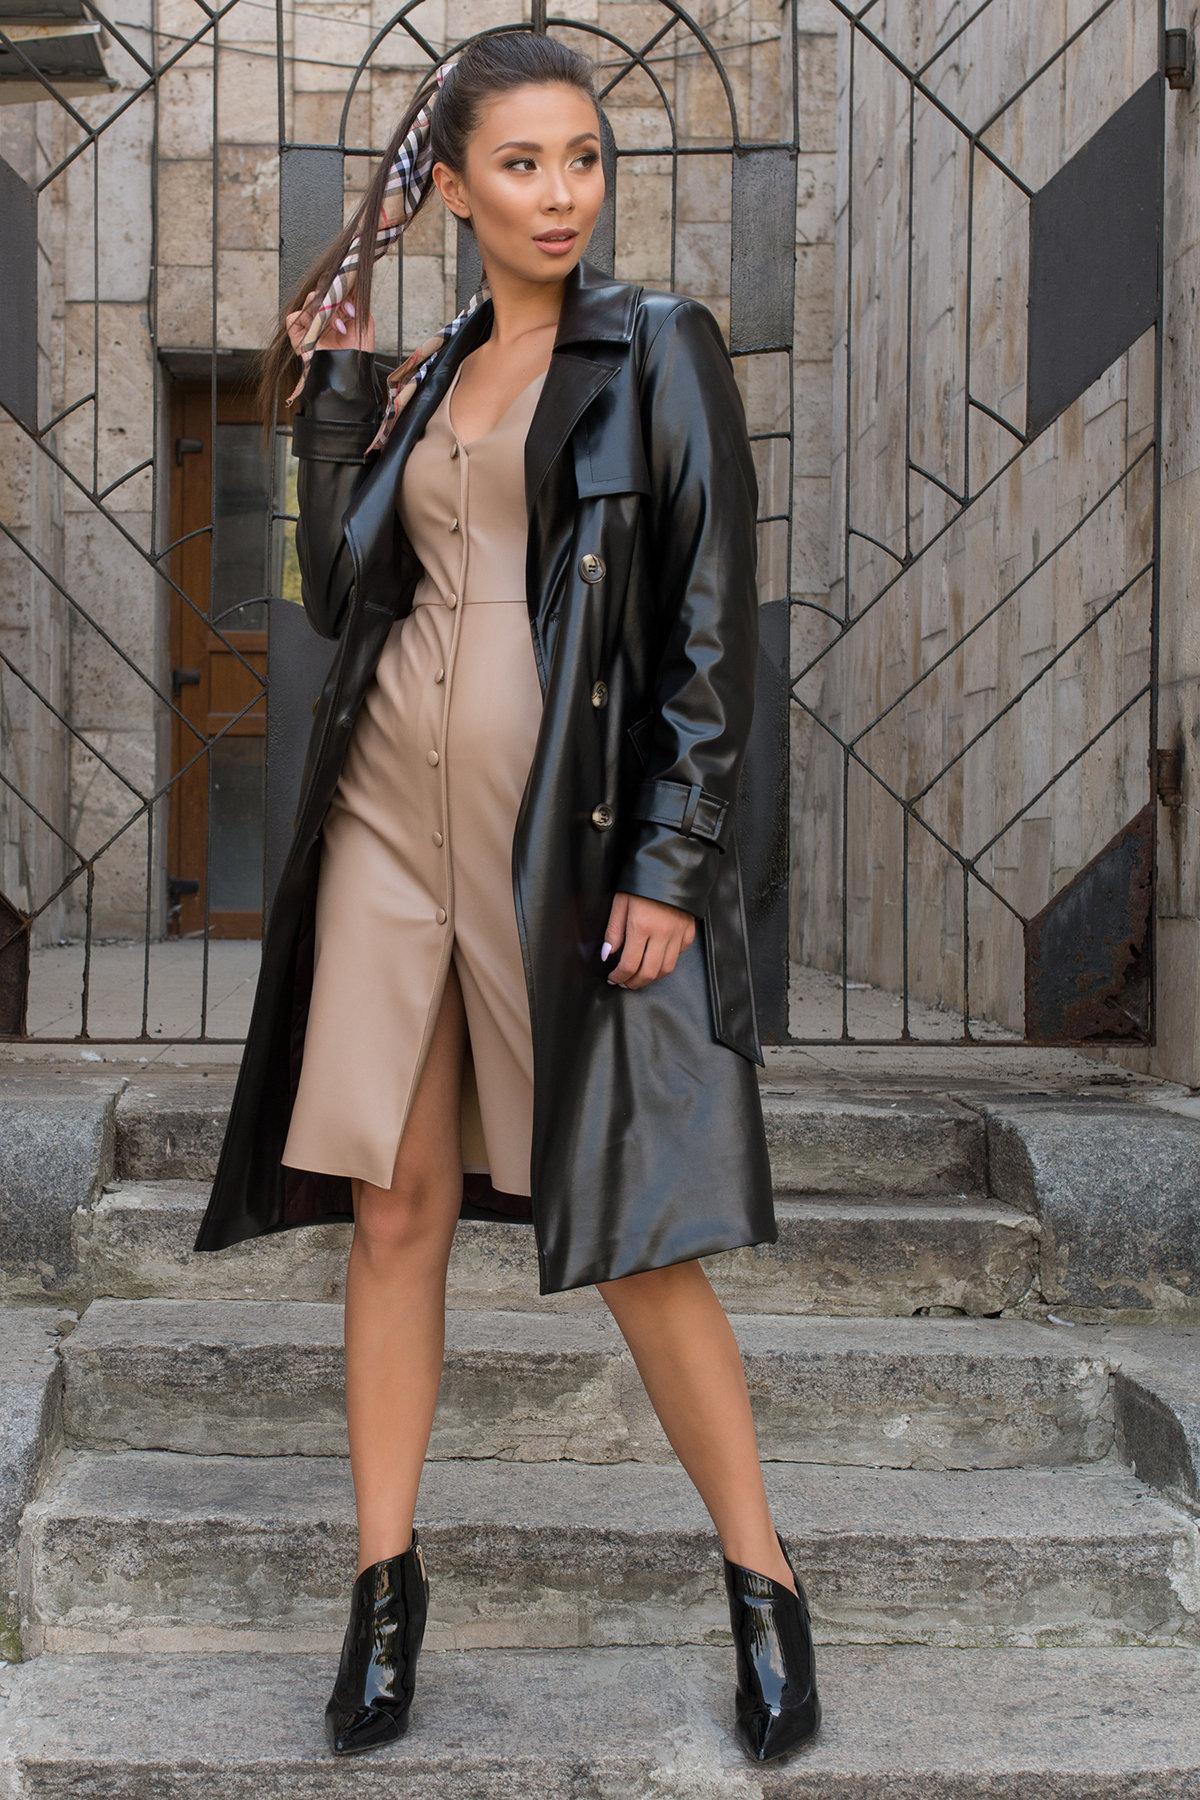 Купить пальто женское демисезонное от Modus Пальто-тренч из экокожи Аккорд 7996